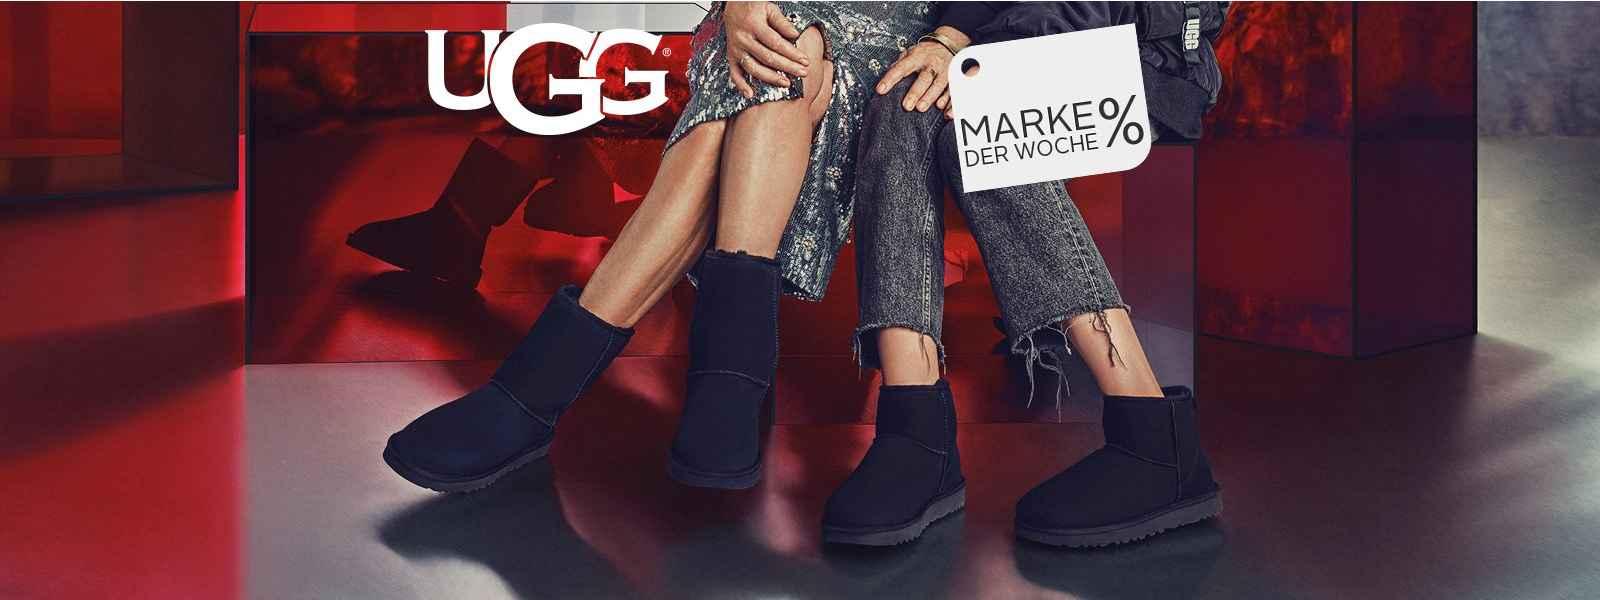 Marke der Woche: UGG